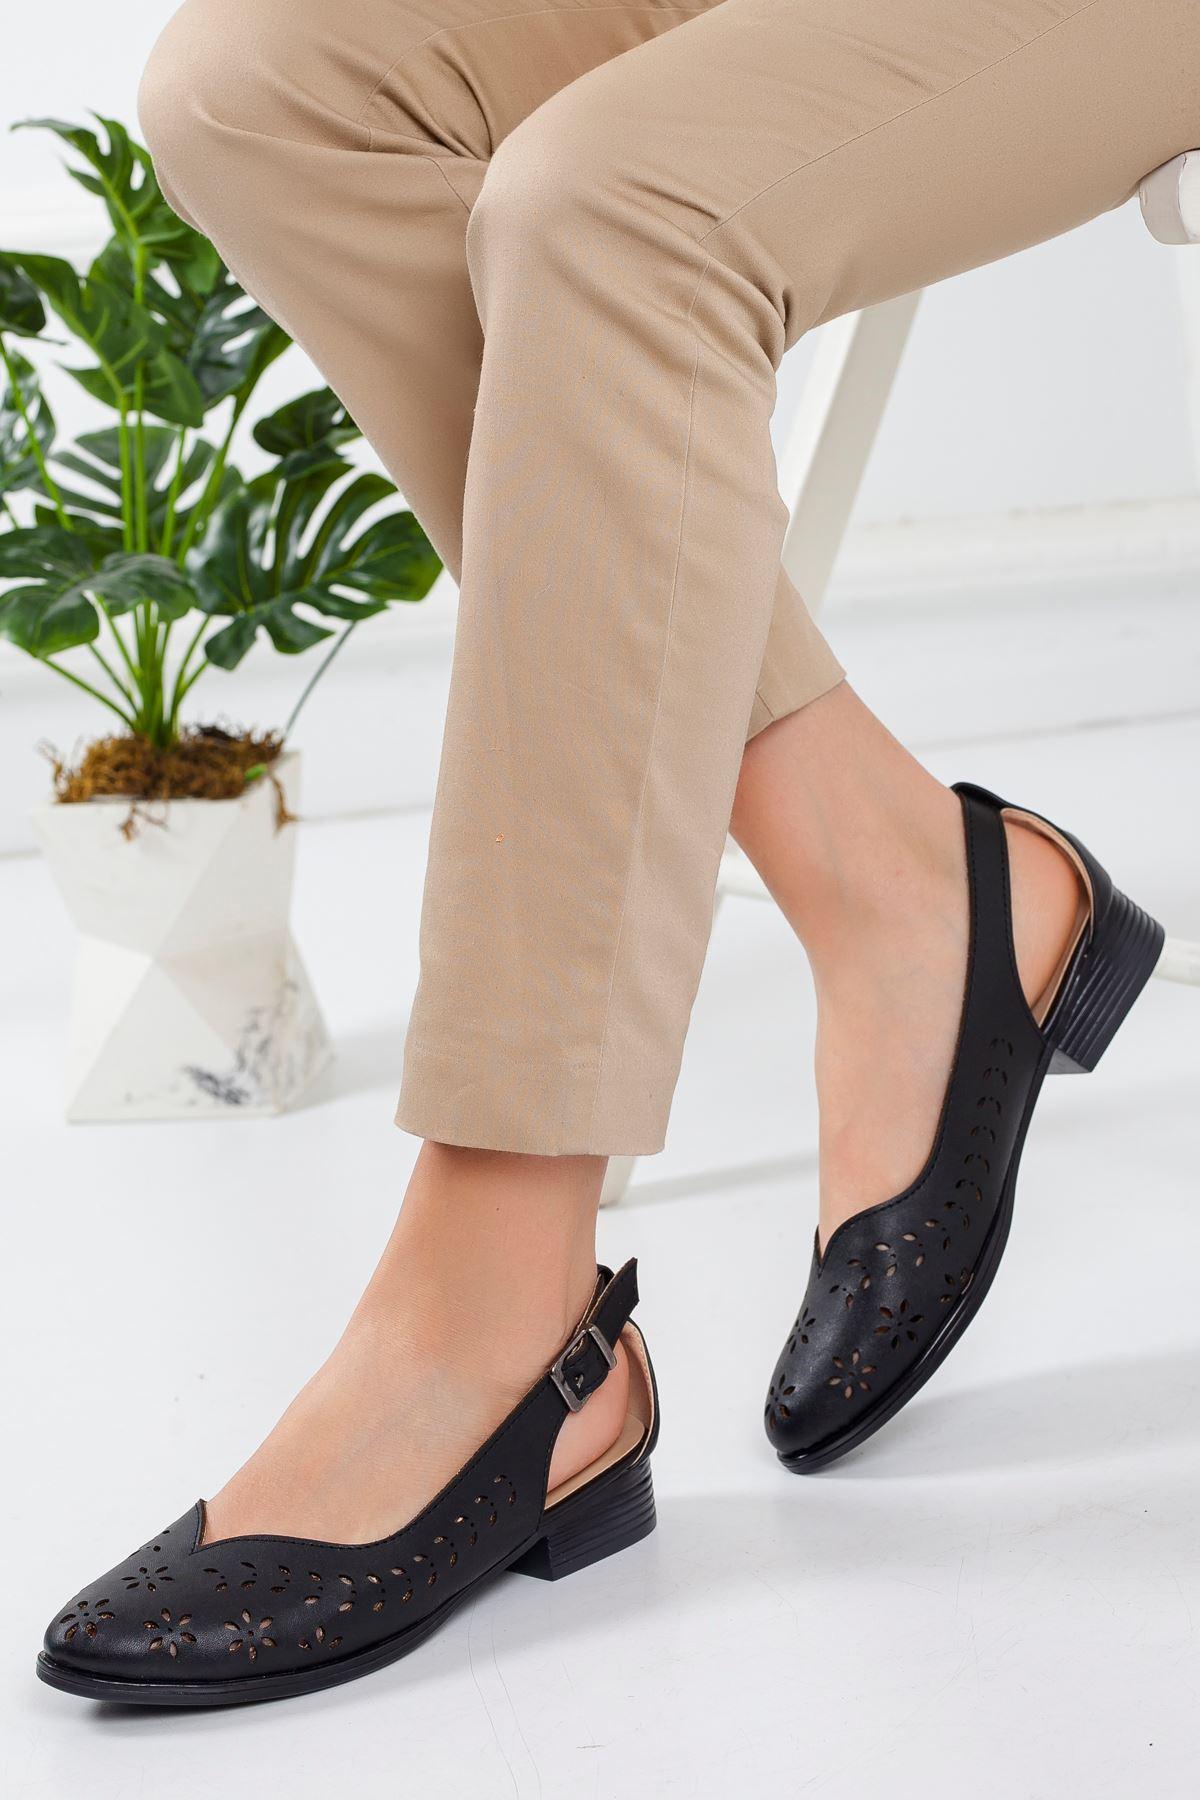 Milor Yazlık Kısa Topuk Babet Ayakkabı Siyah